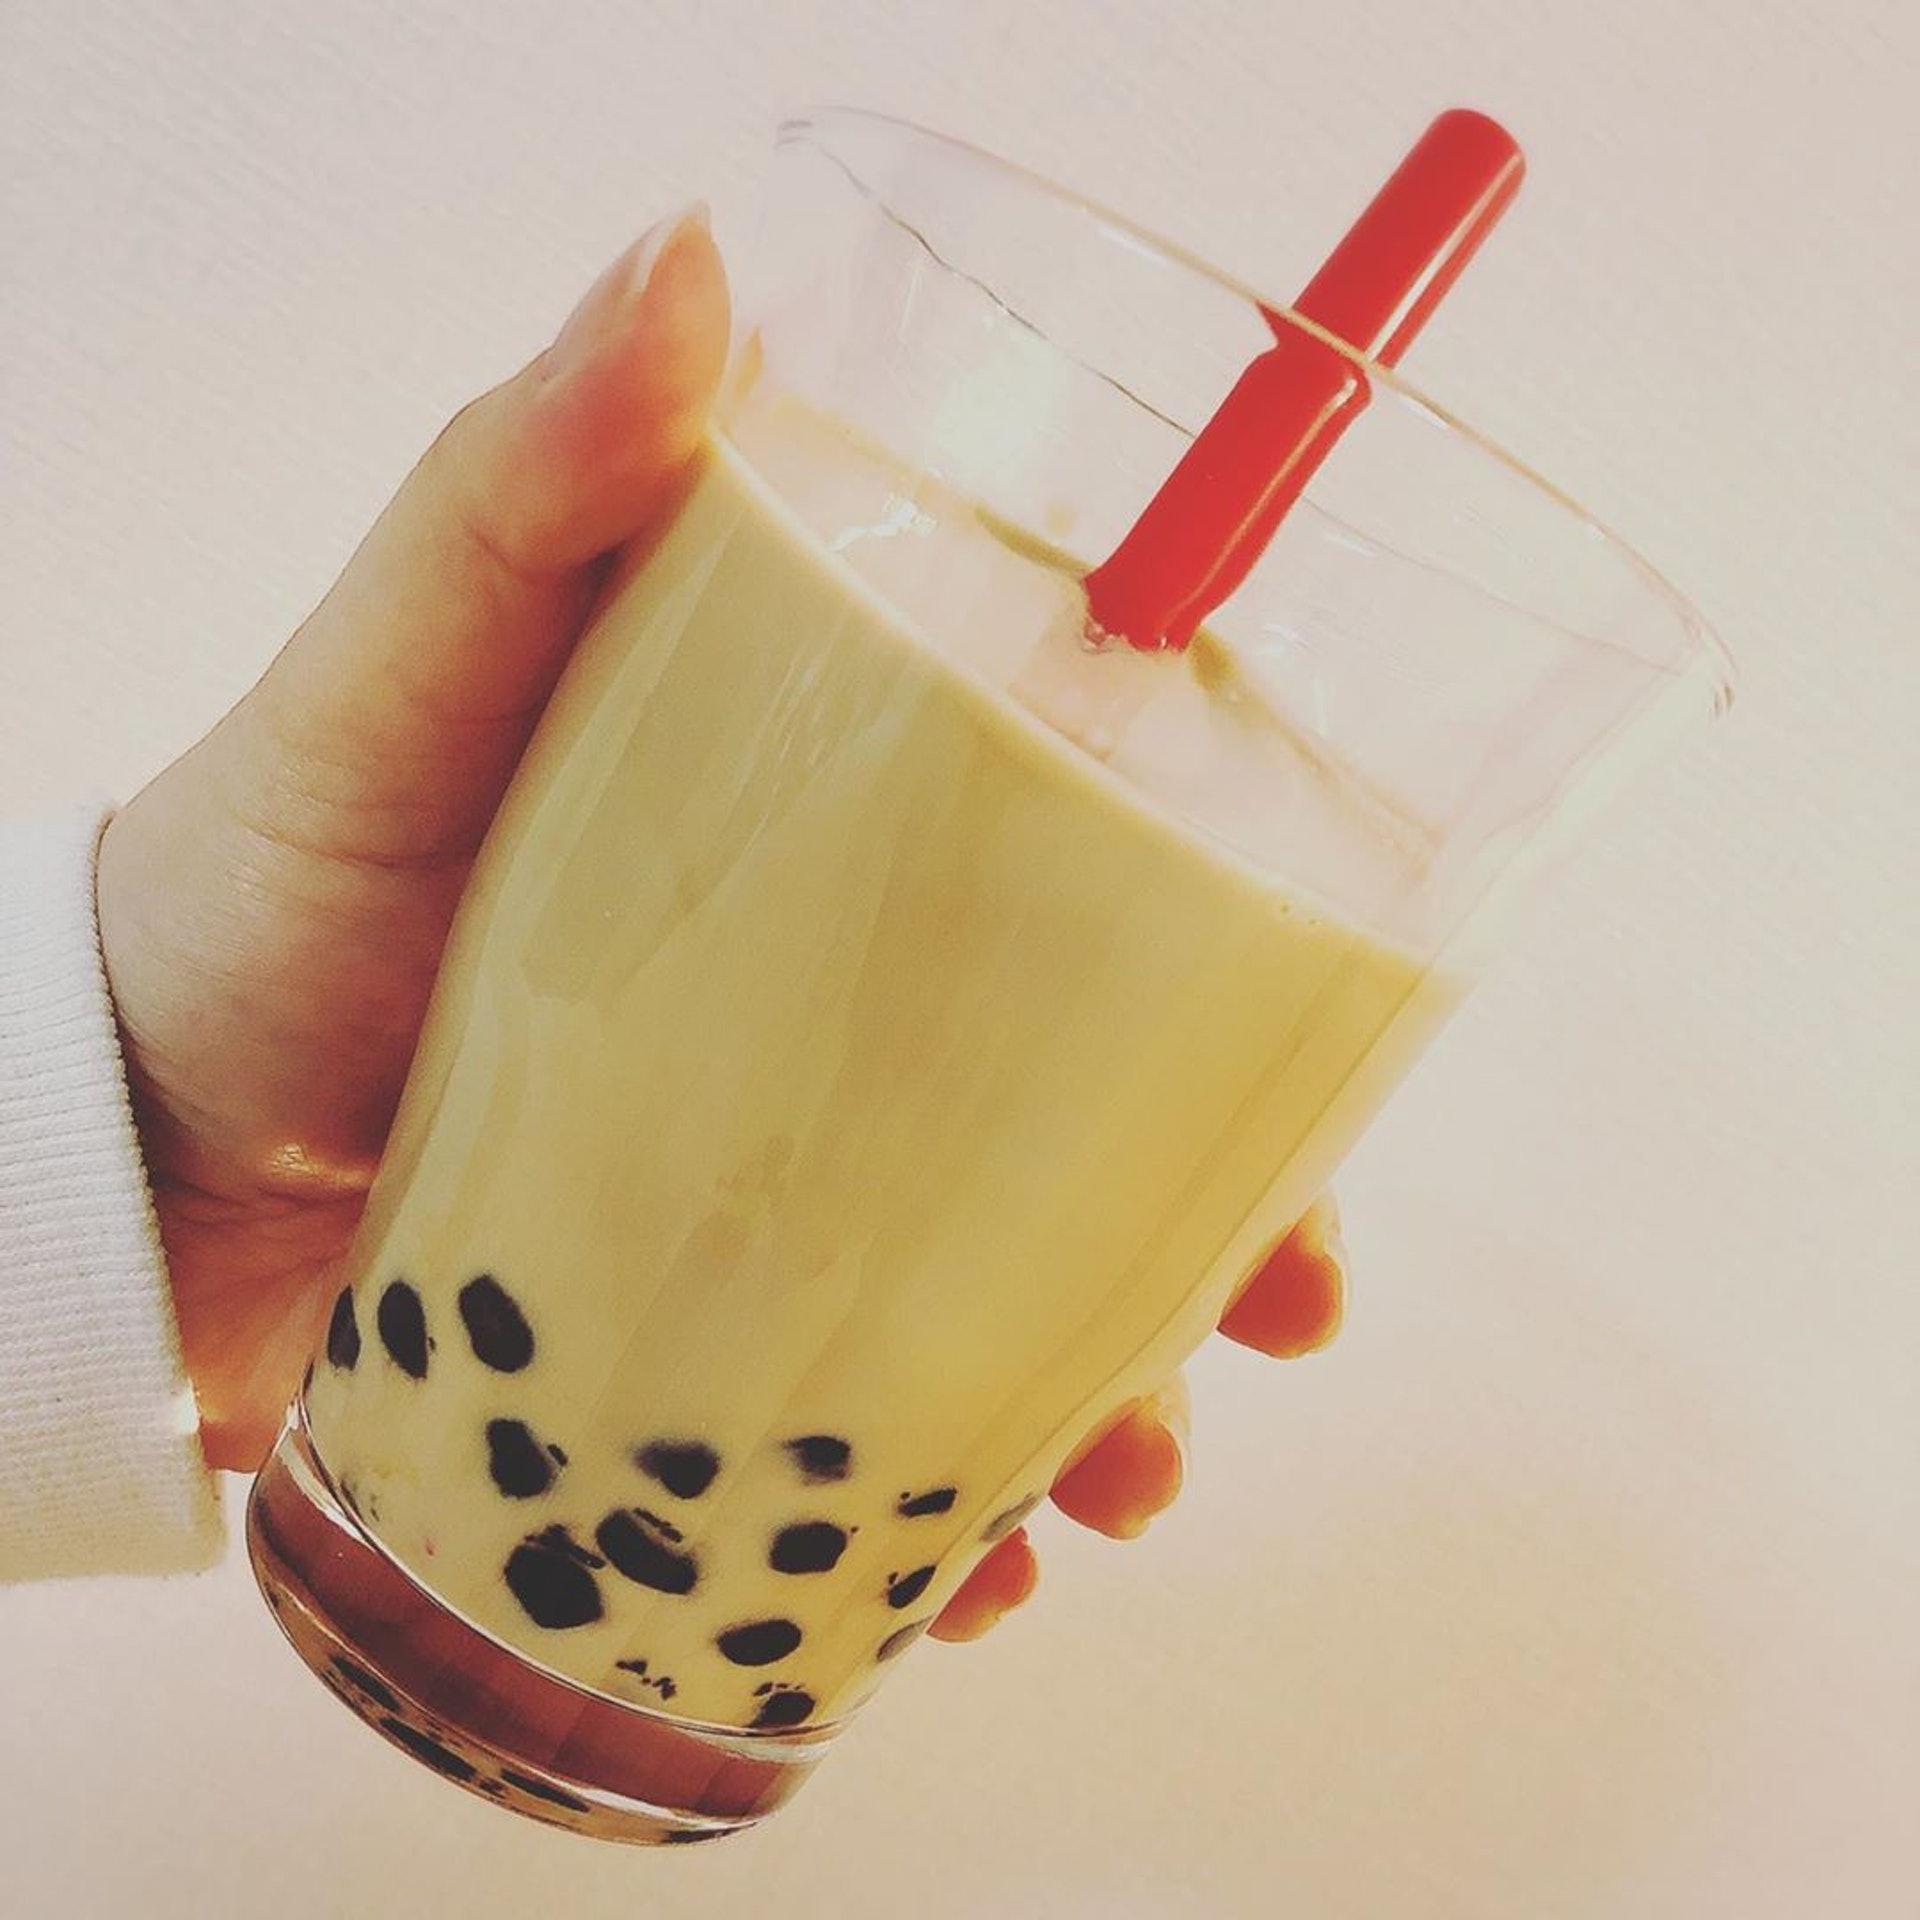 【3】網民分享自製的珍珠奶茶,看上去非常成功!(ig@ n0718)